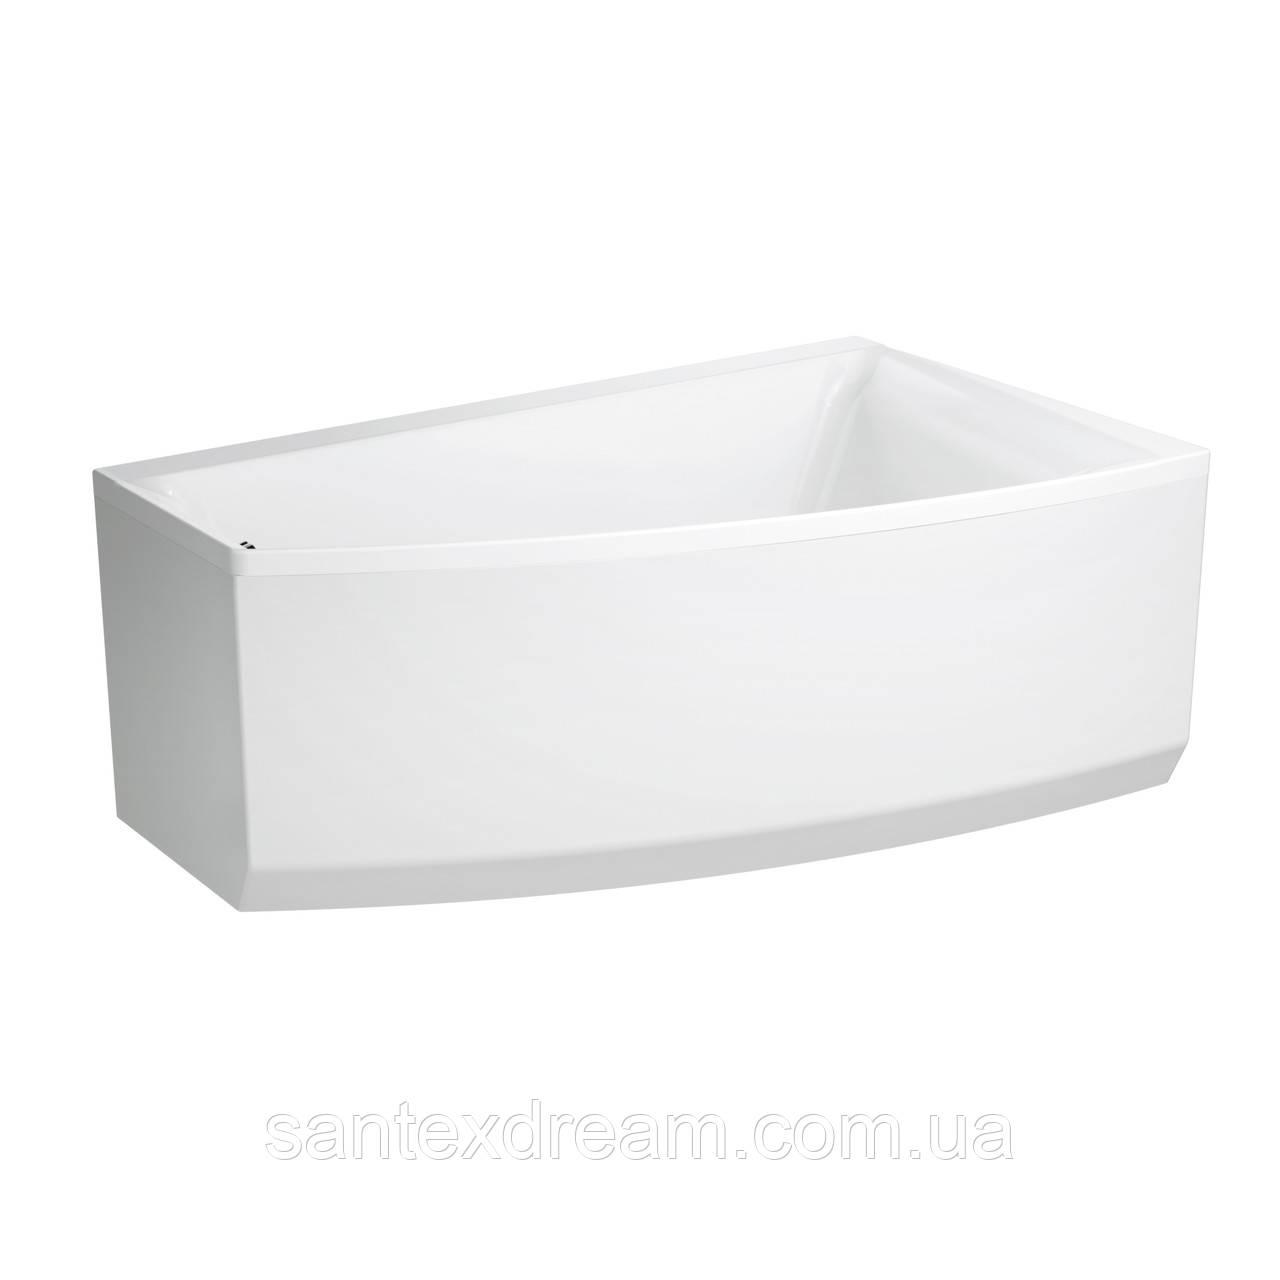 Ванна Cersanit Virgo Max  150x90 правая